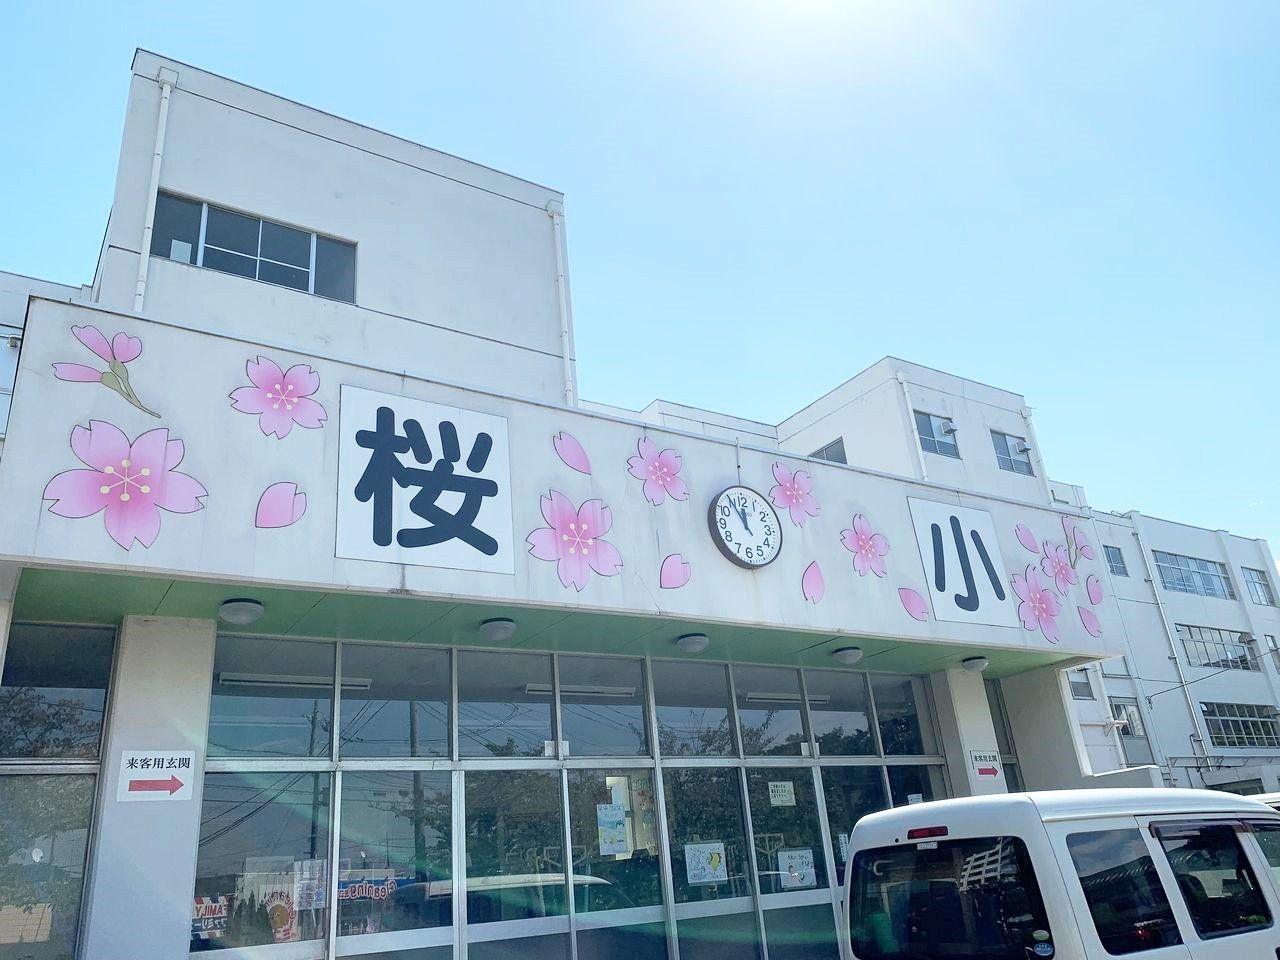 【桜小学校編】三郷市の小学校から物件探し